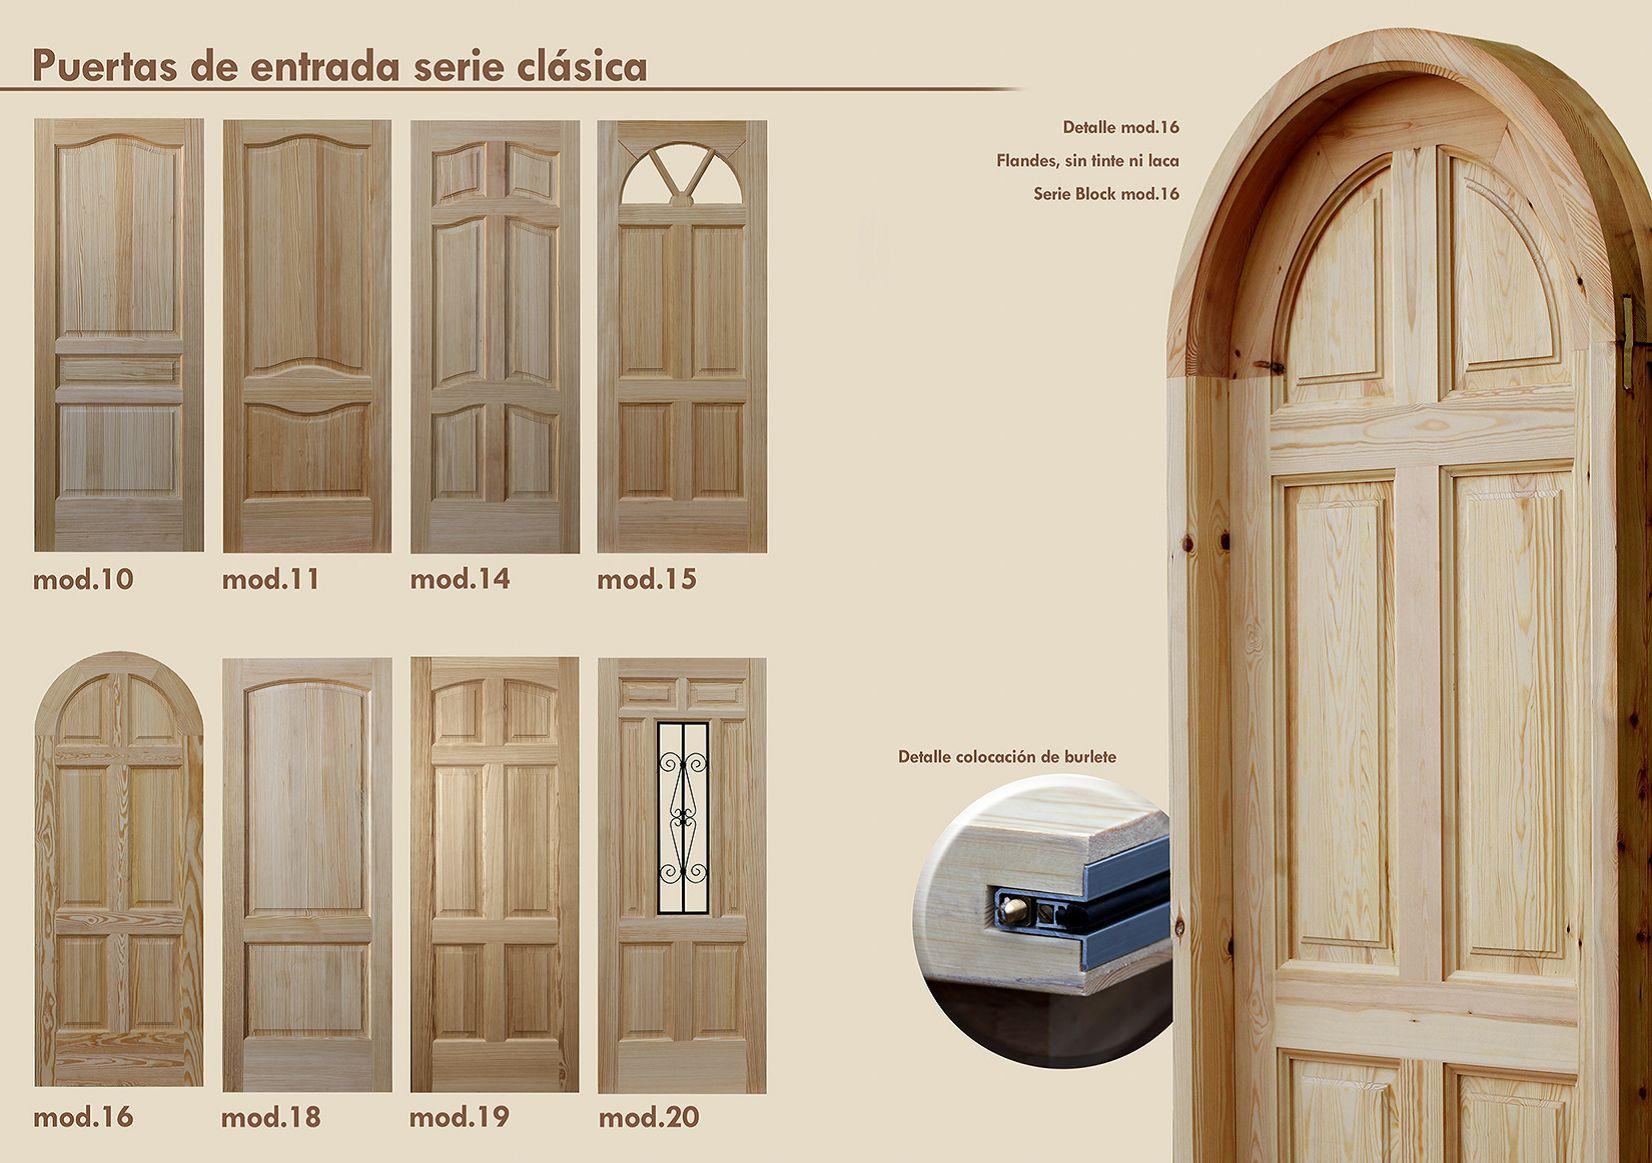 Puertas de entrada rusticas productos de puertas miret - Puertas de entrada de madera rusticas ...